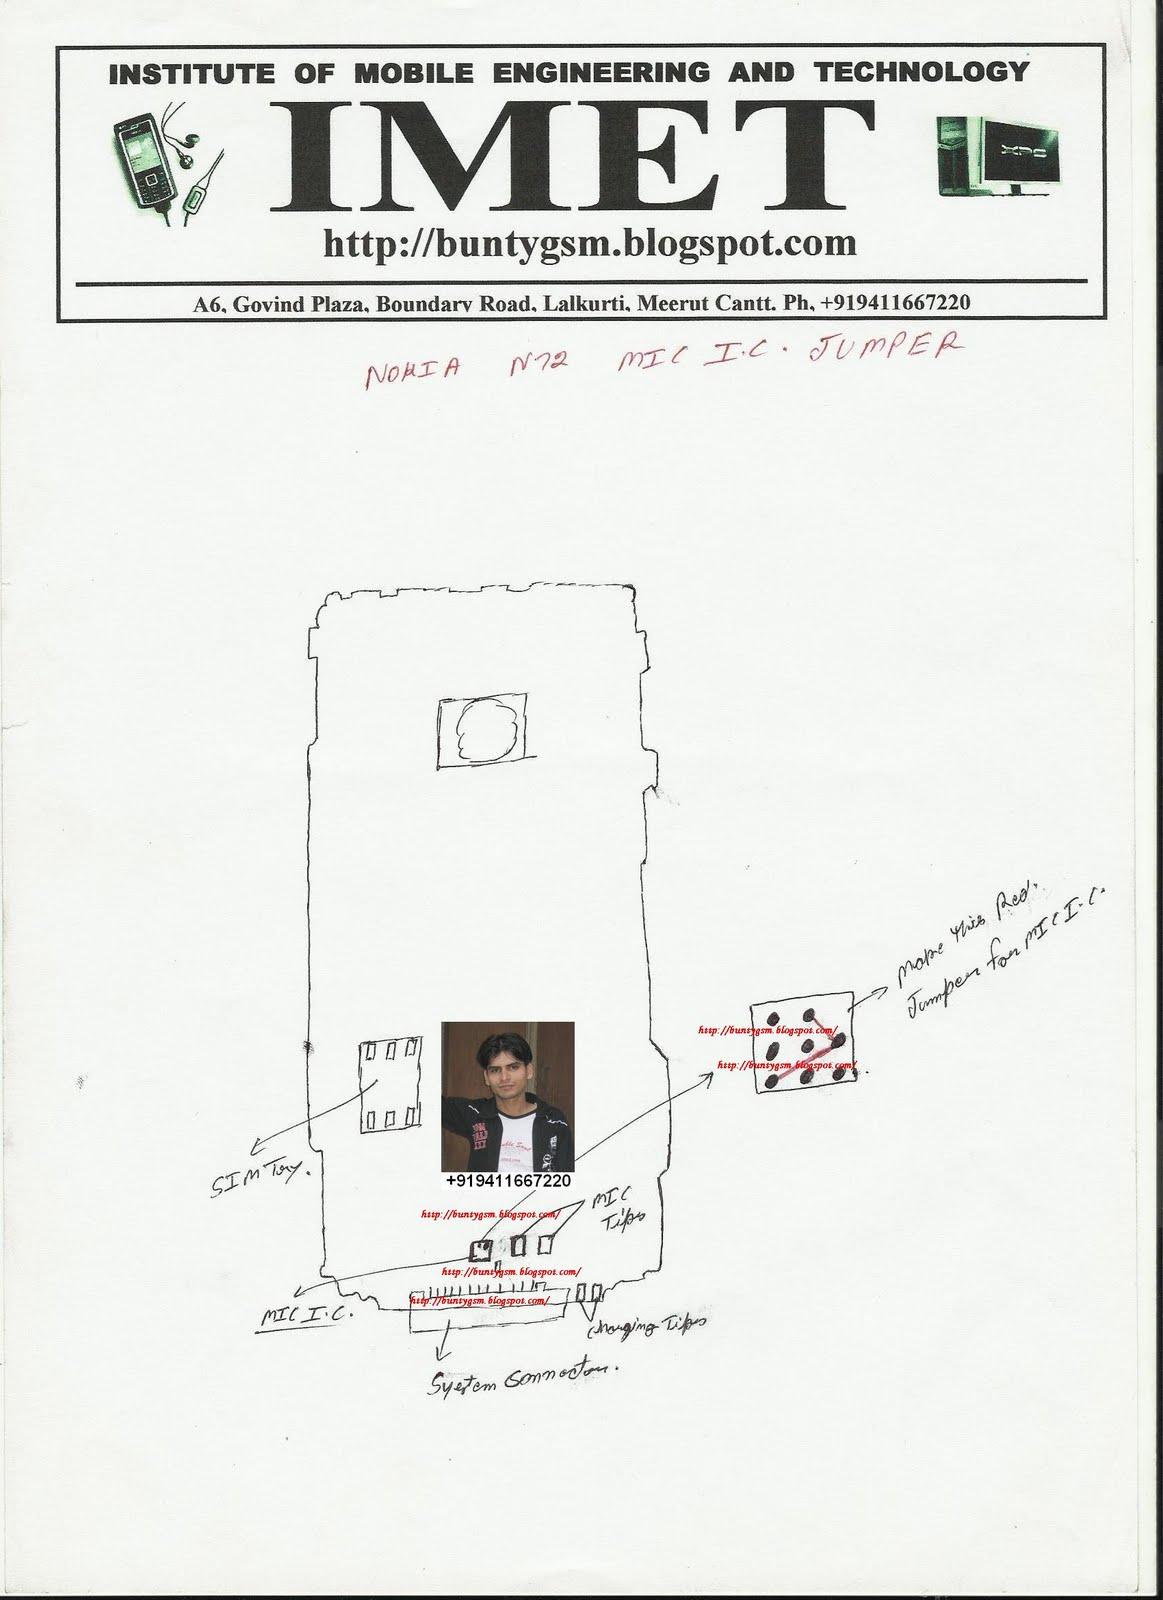 Nokia N72, Nokia N70 MIC IC Jumper By BuntyGSM / IMET